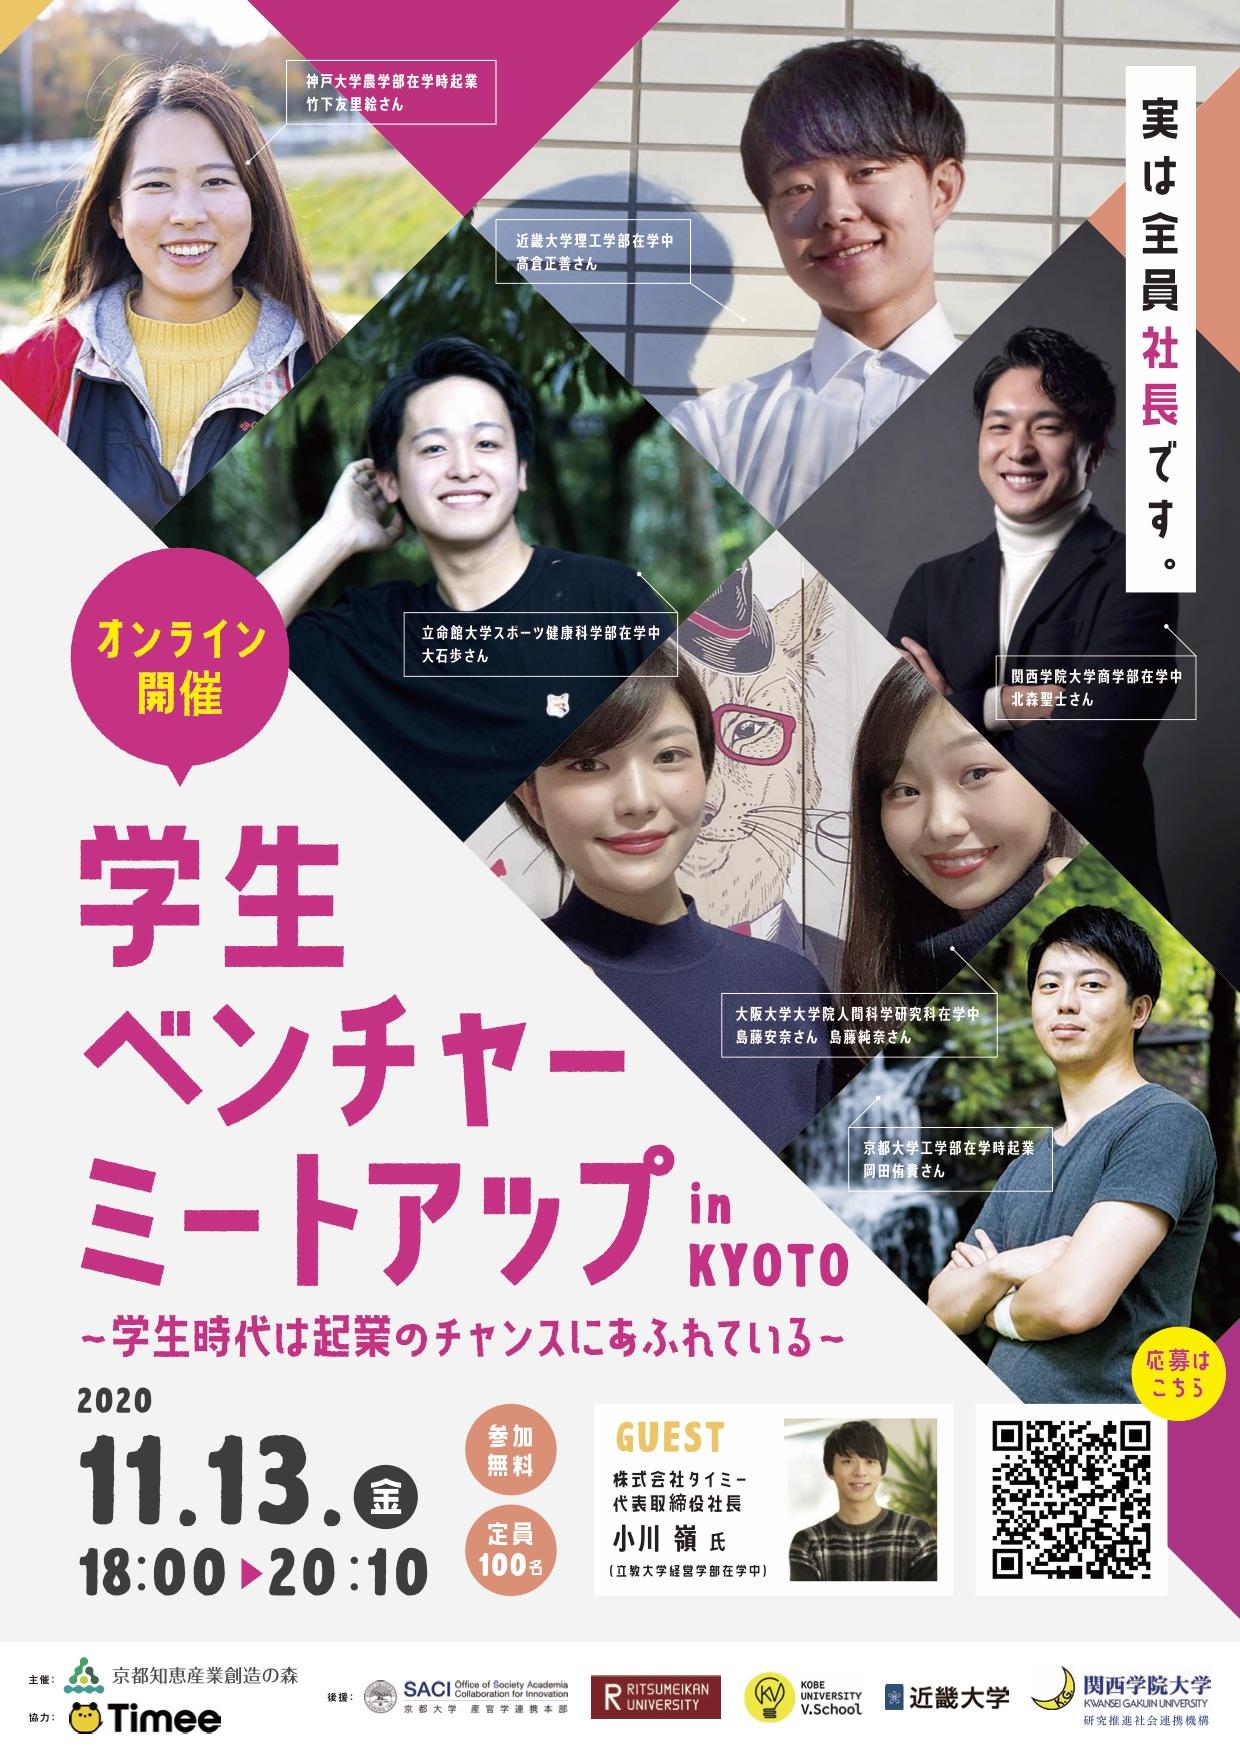 学生ベンチャーミートアップ in KYOTO